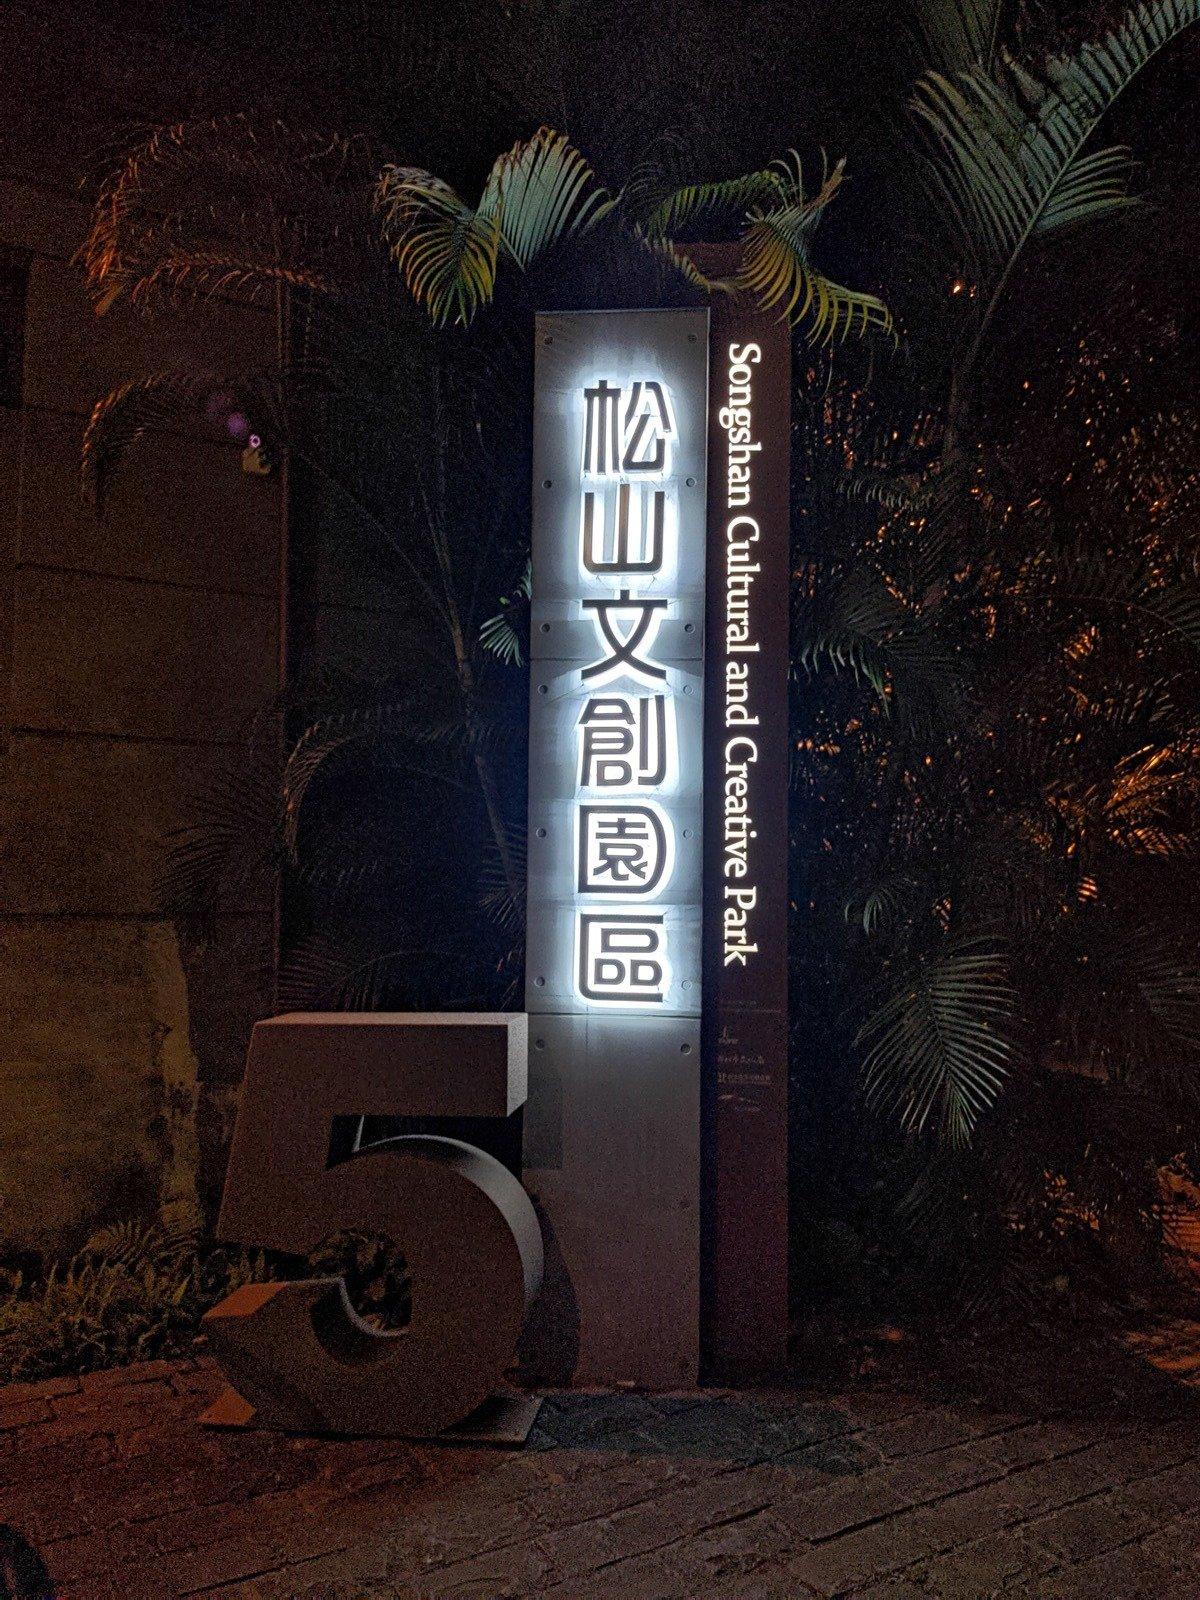 首款國產 5G 手機 HTC U20 5G 開箱實測 (1) 性能測試 / 遊戲實測 / 電力續航 / 相機實拍分享 @3C 達人廖阿輝